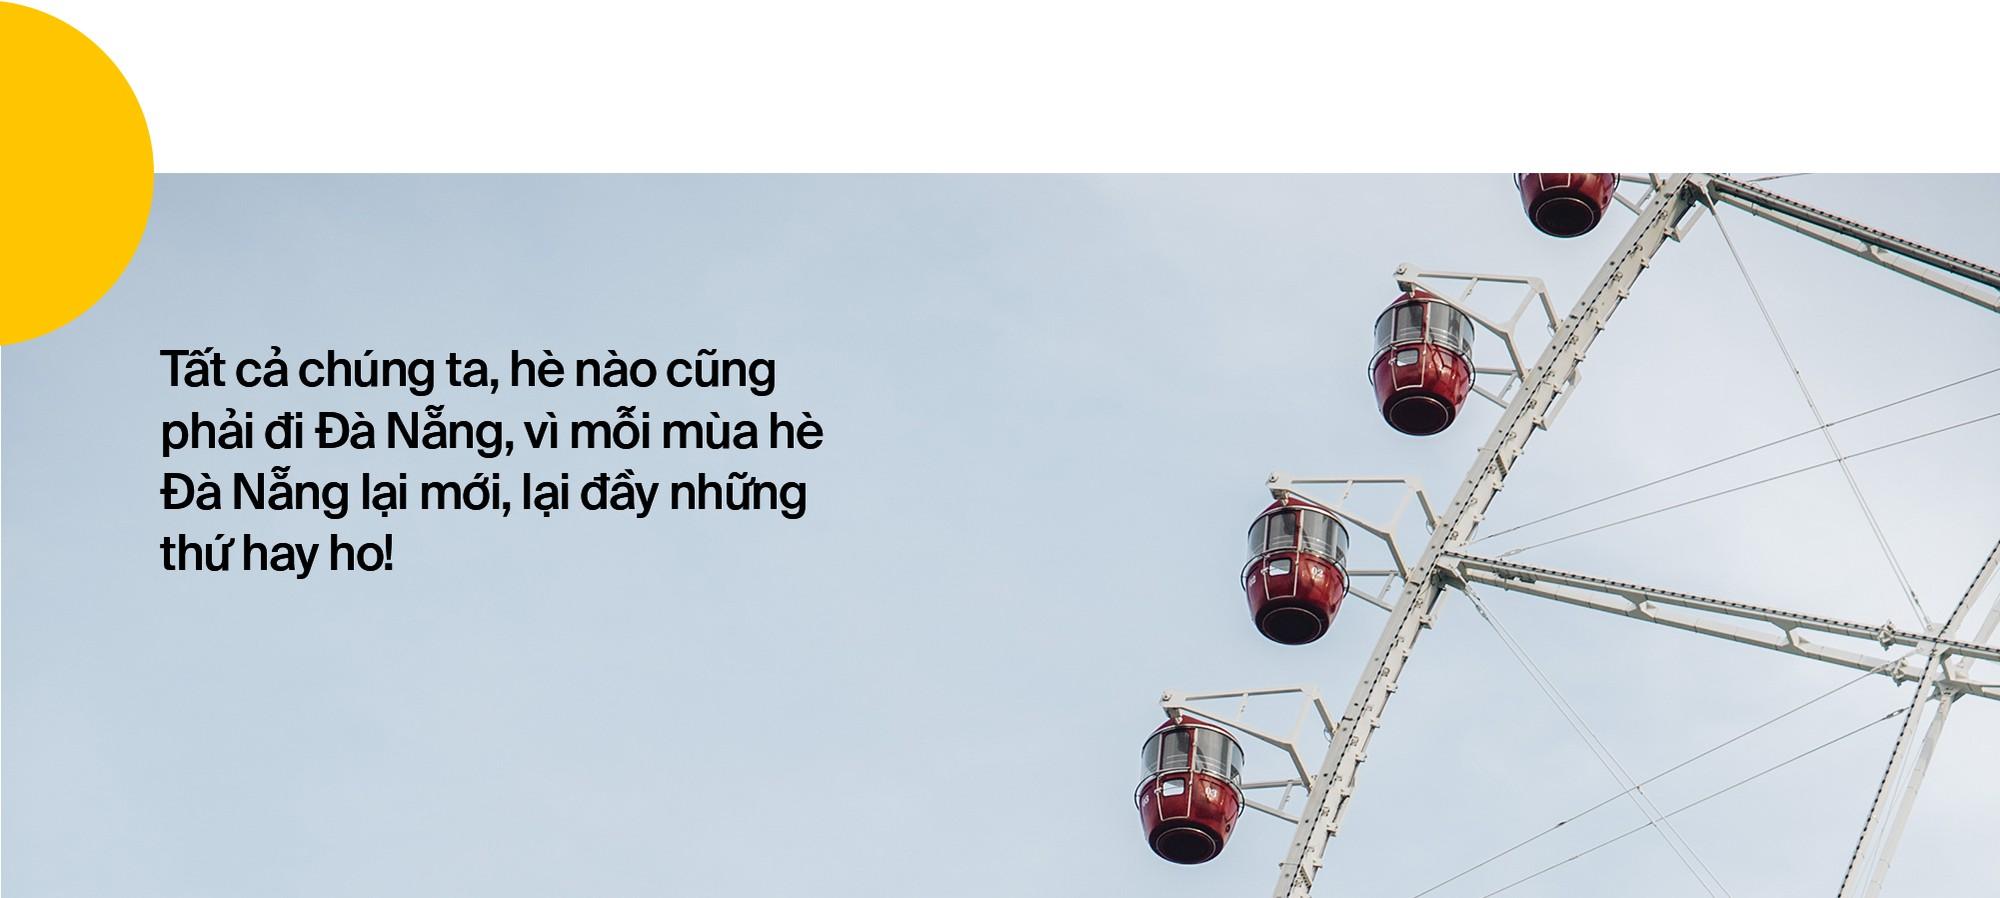 Tất cả chúng ta, hè nào cũng phải đi Đà Nẵng, vì mỗi mùa hè Đà Nẵng lại mới, lại đầy những thứ hay ho! - Ảnh 39.